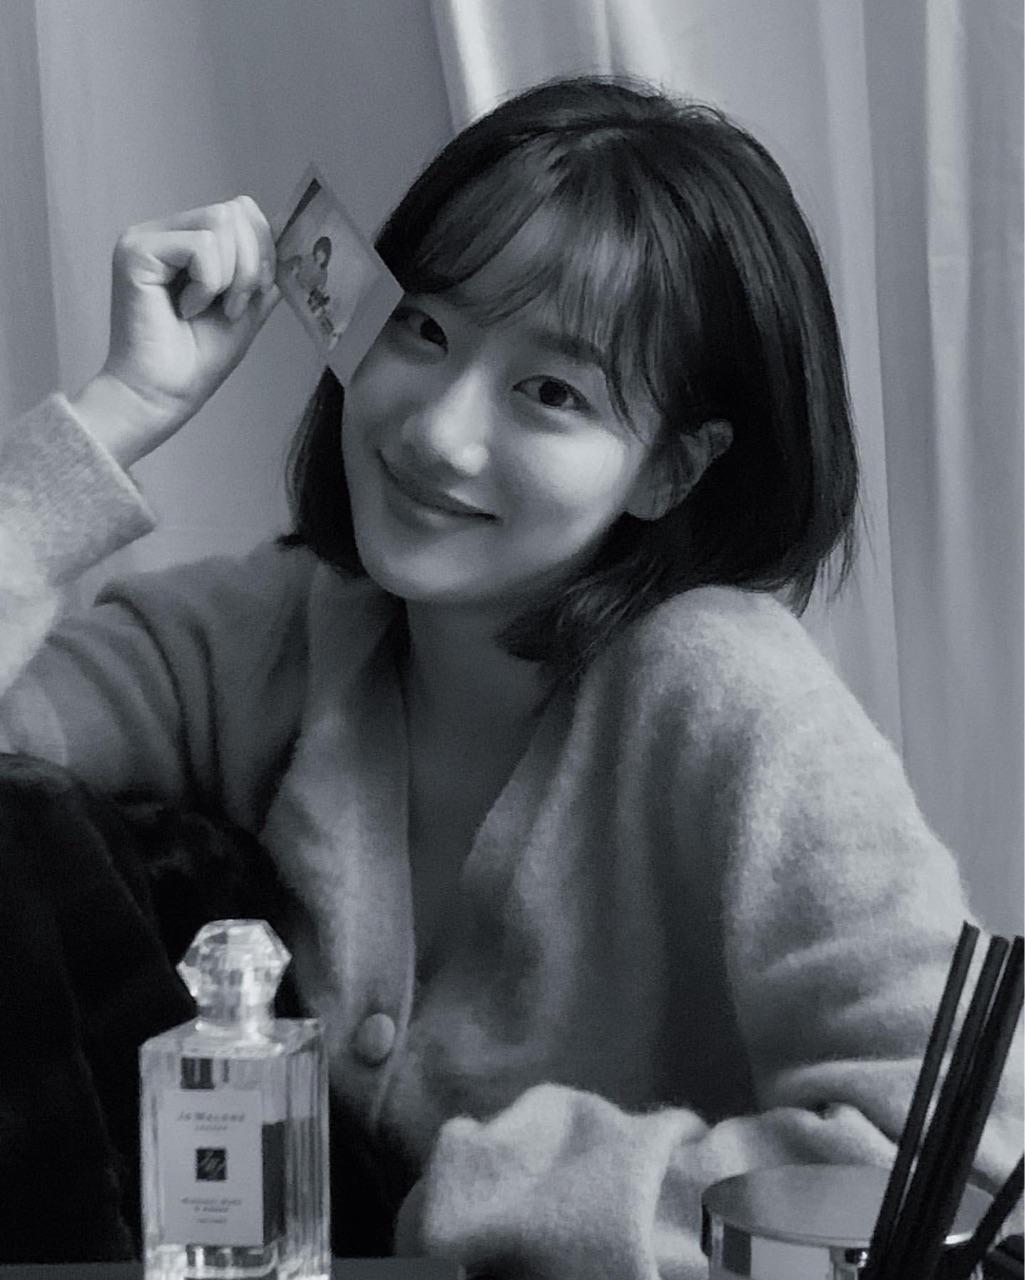 lee naeun, april, and girls image